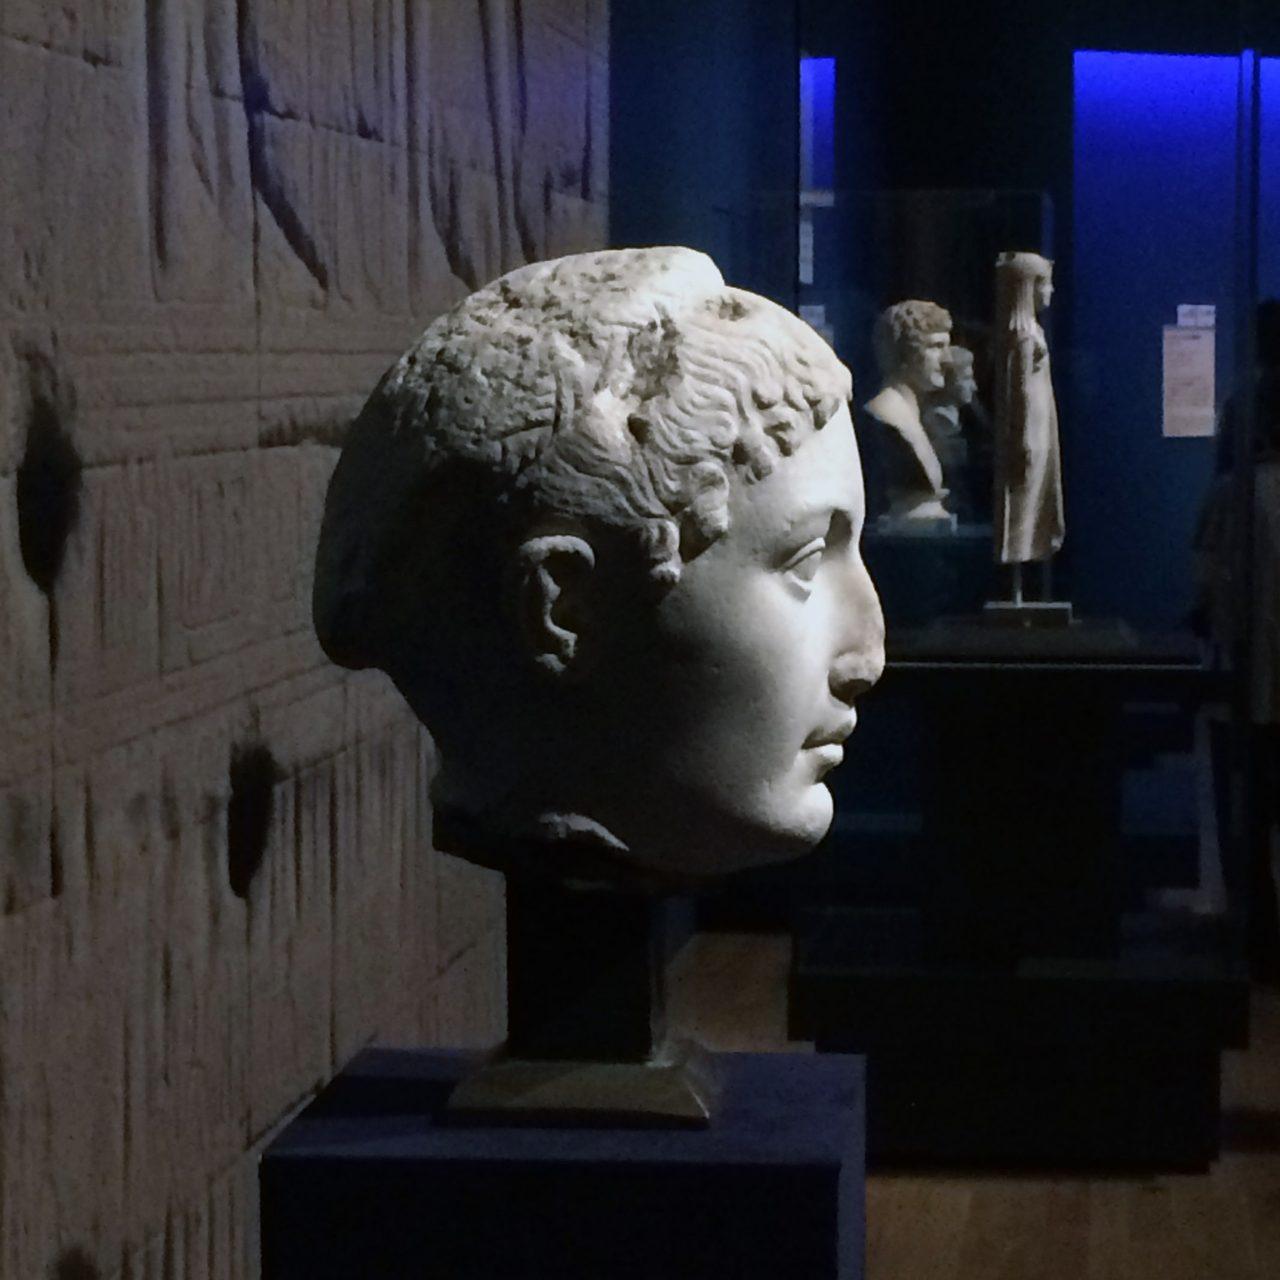 画像: 「クレオパトラ」近年クレオパトラ像として指摘された作品です。ギリシア様式の特徴をもっています。 出土地不詳 プトレマイオス朝時代(前1世紀中頃) トリノ古代博物館(イタリア)所蔵  (C)cinefil art review